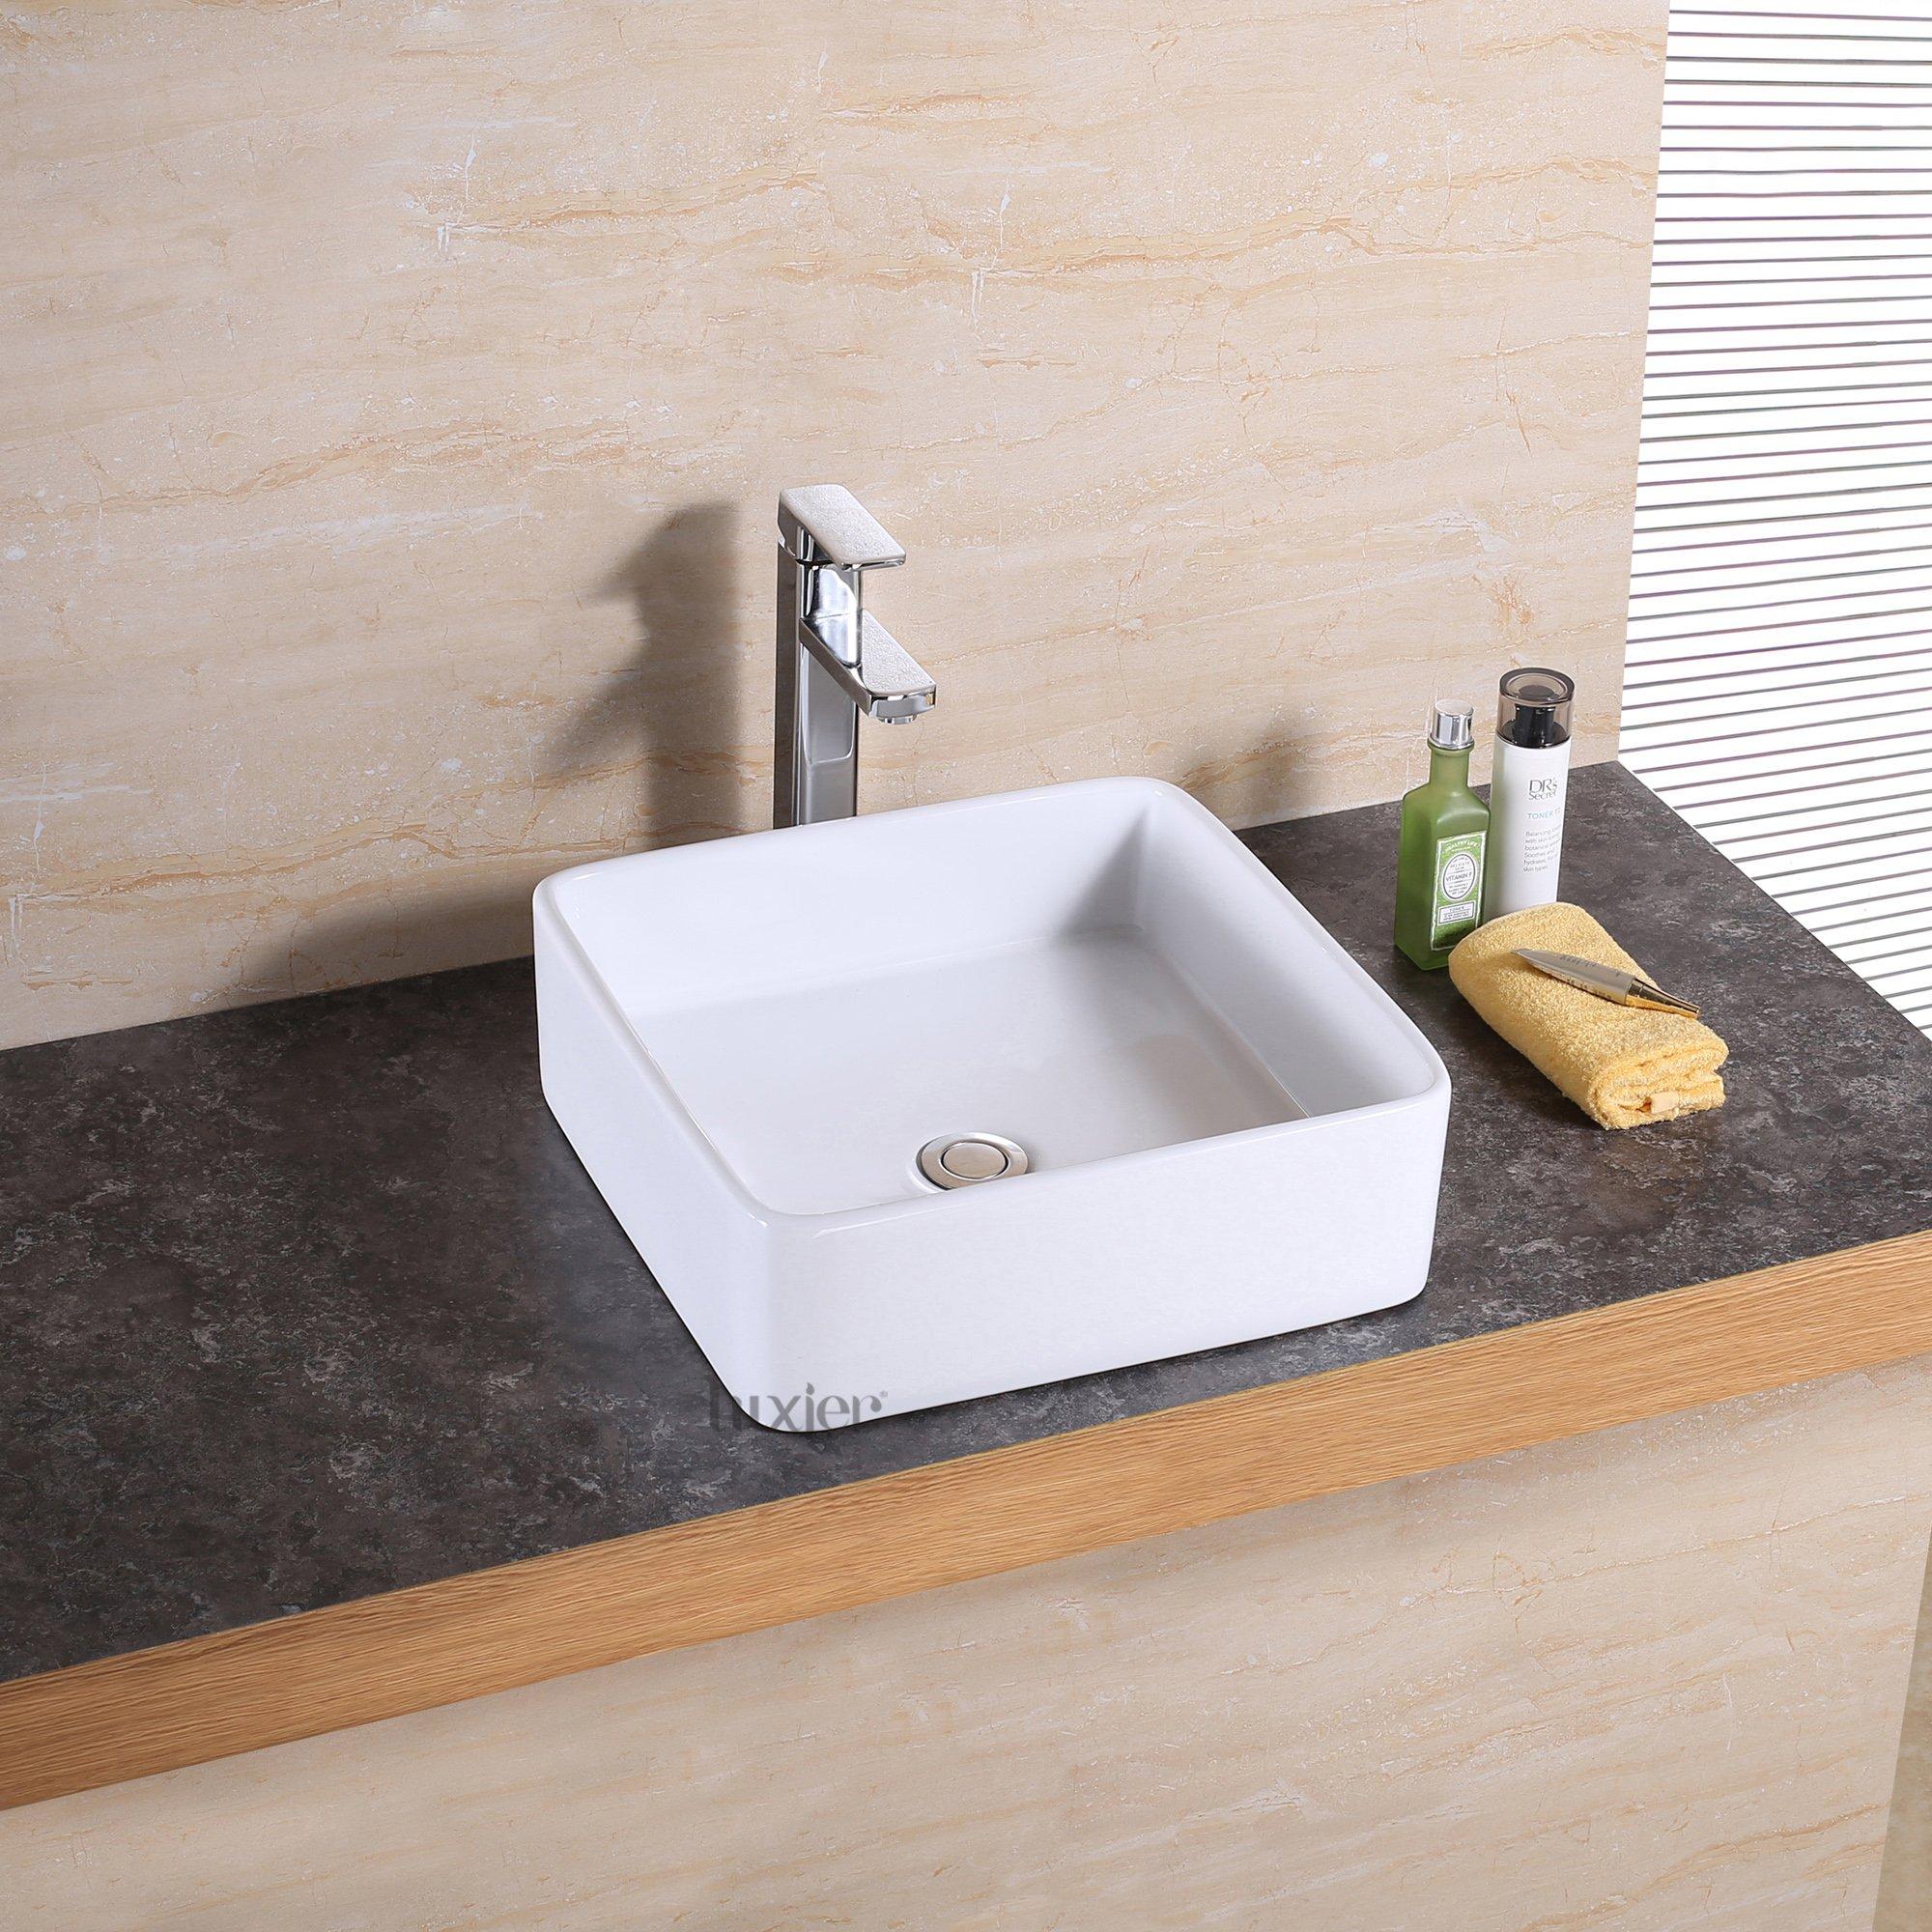 Luxier CS-025 Bathroom Porcelain Ceramic Vessel Vanity Sink Art Basin